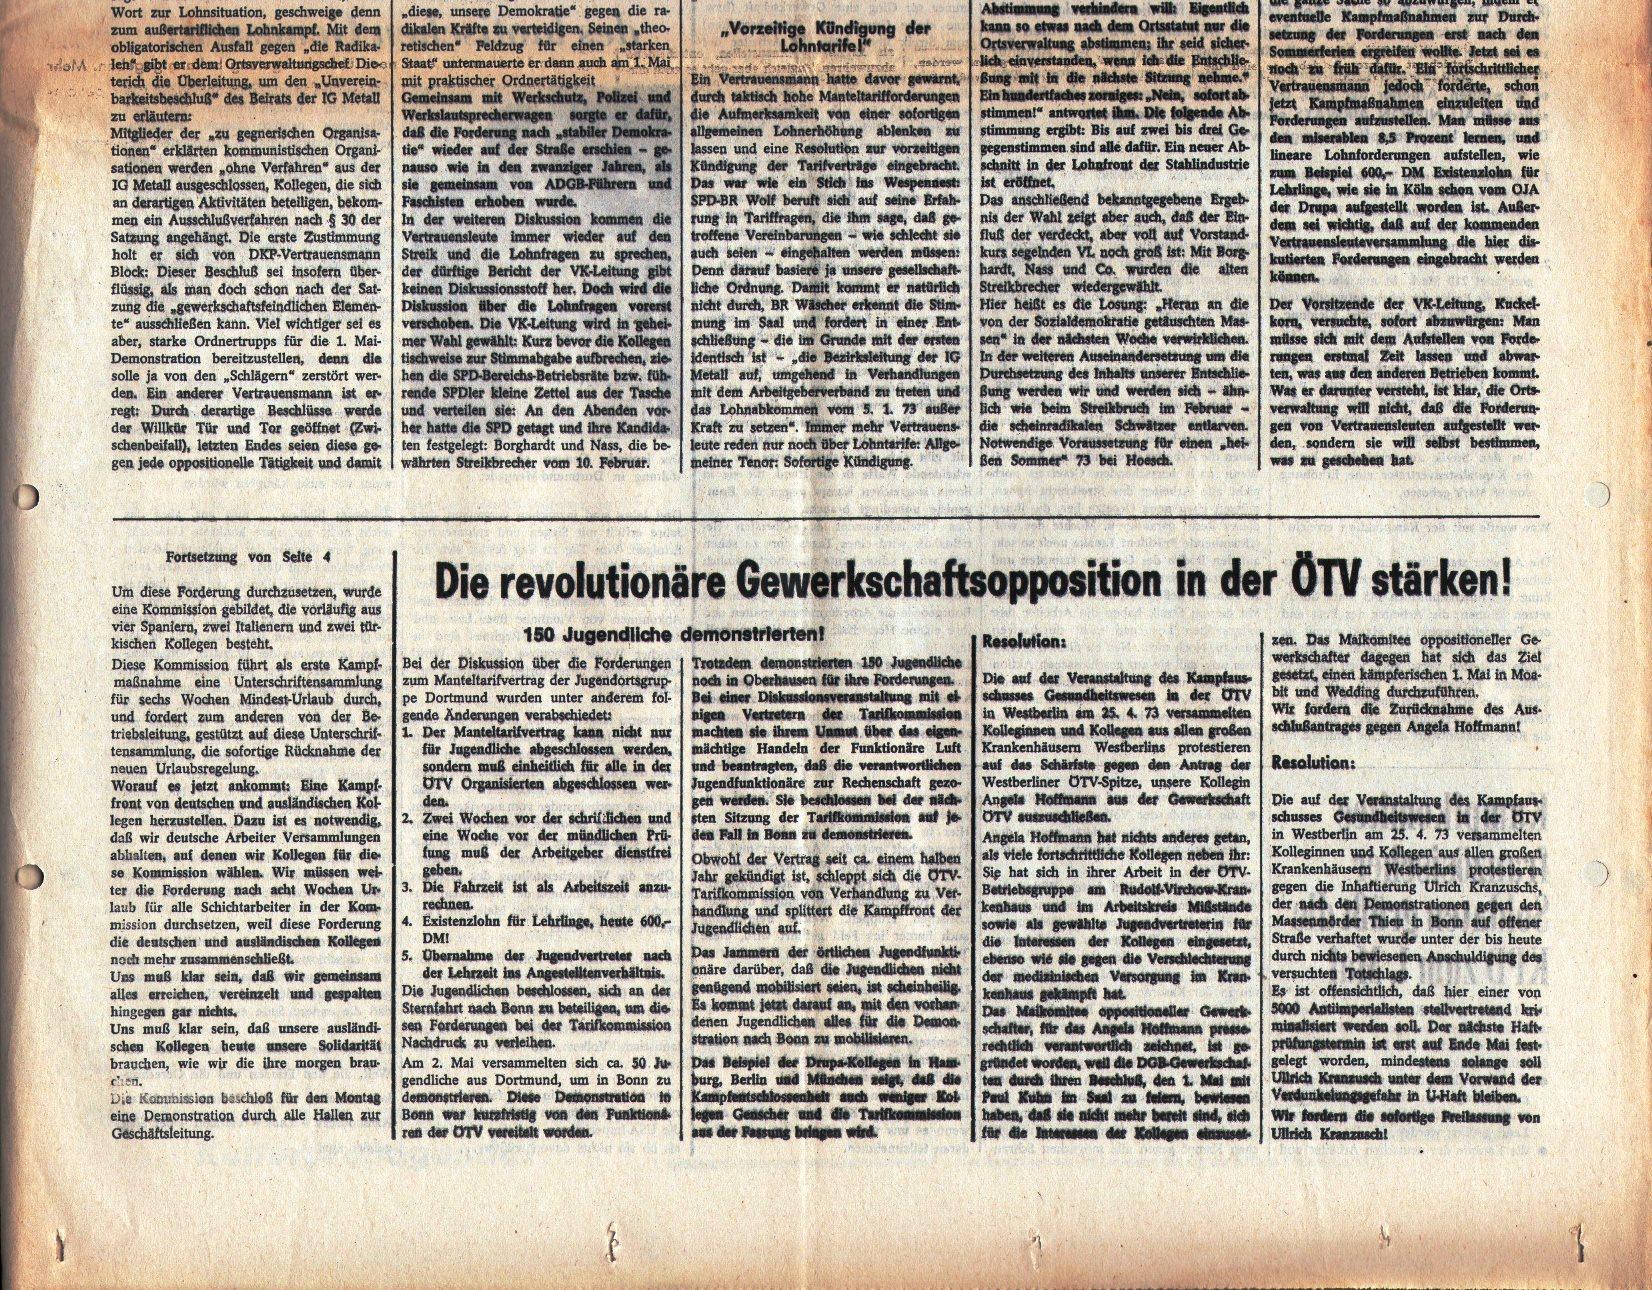 KPD_Rote_Fahne_1973_19_10